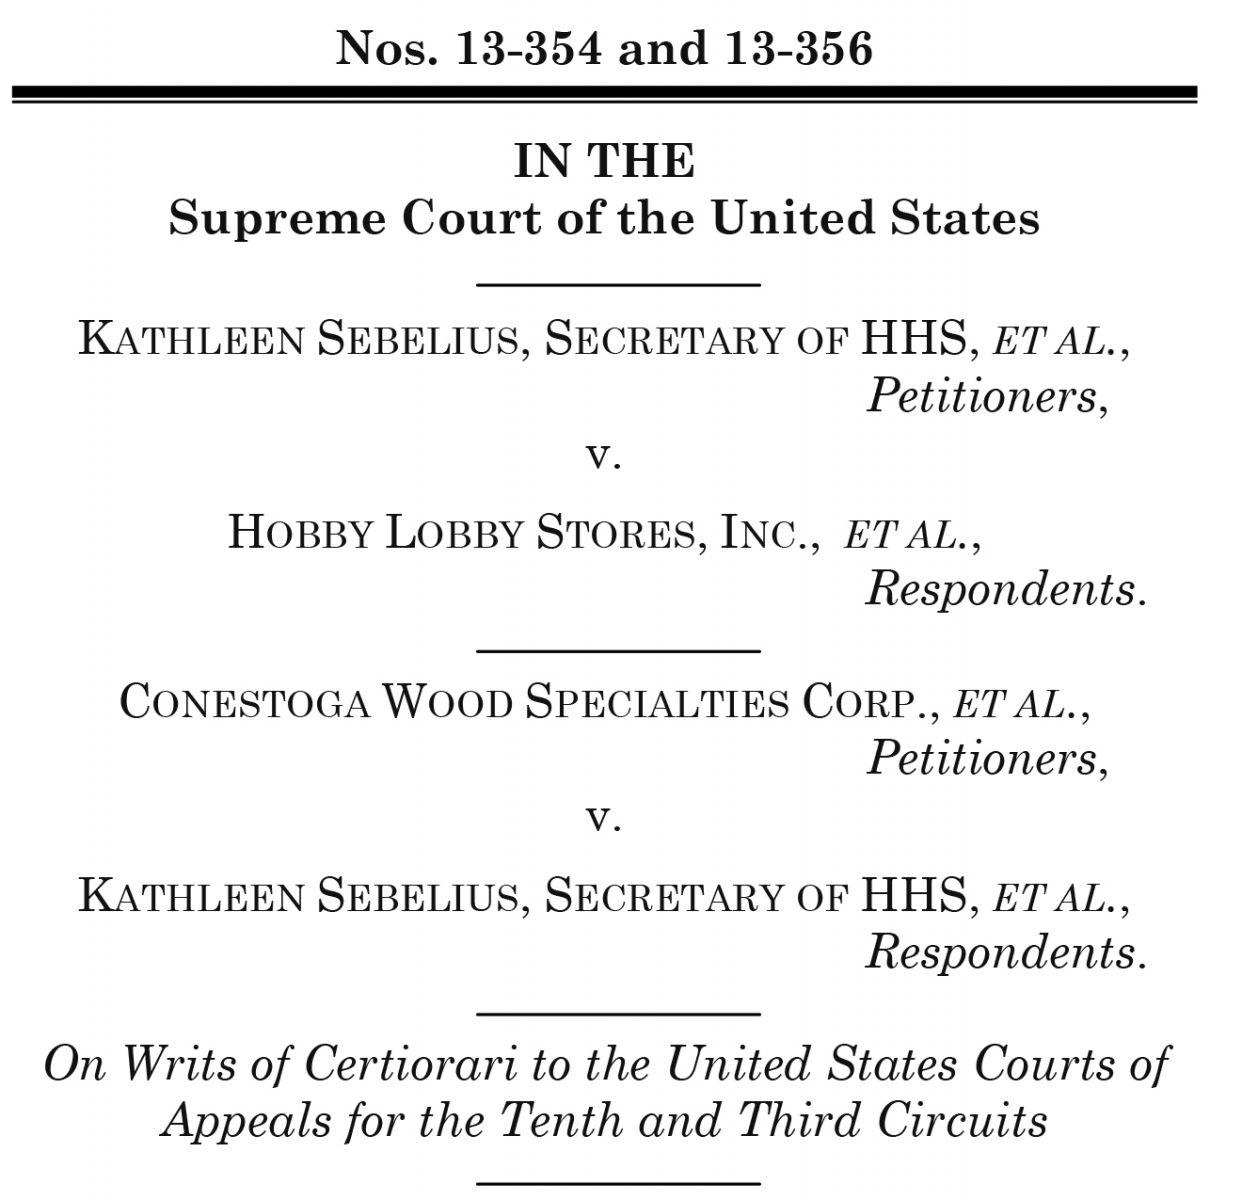 Worksheet Landmark Supreme Court Cases Worksheet Grass